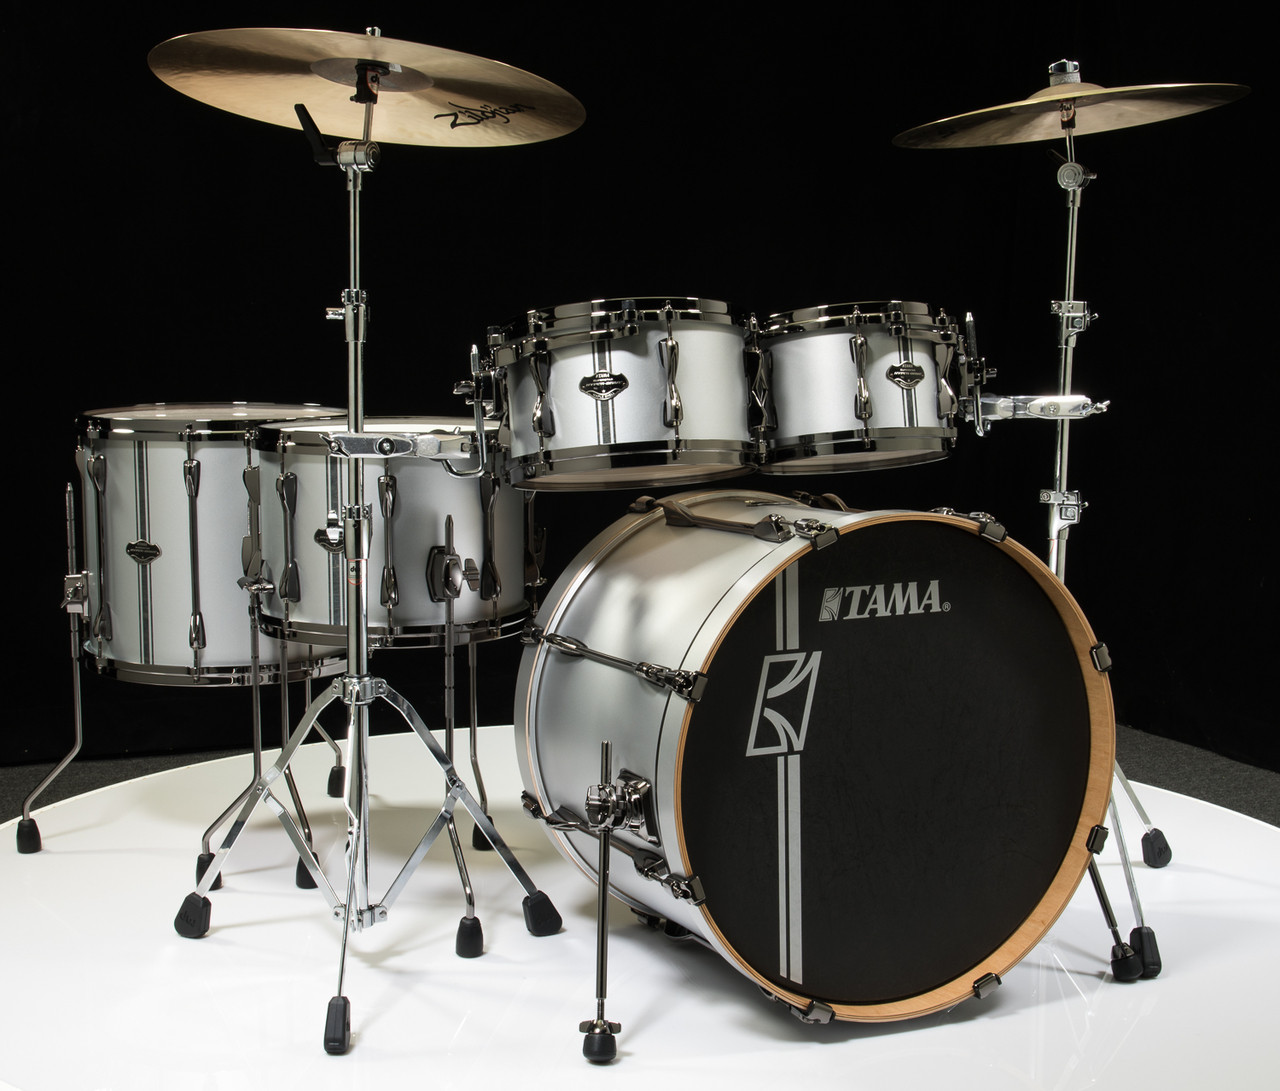 Tama Drum Sets : tama superstar hyper drive duo 5pc drum set satin silver ~ Russianpoet.info Haus und Dekorationen